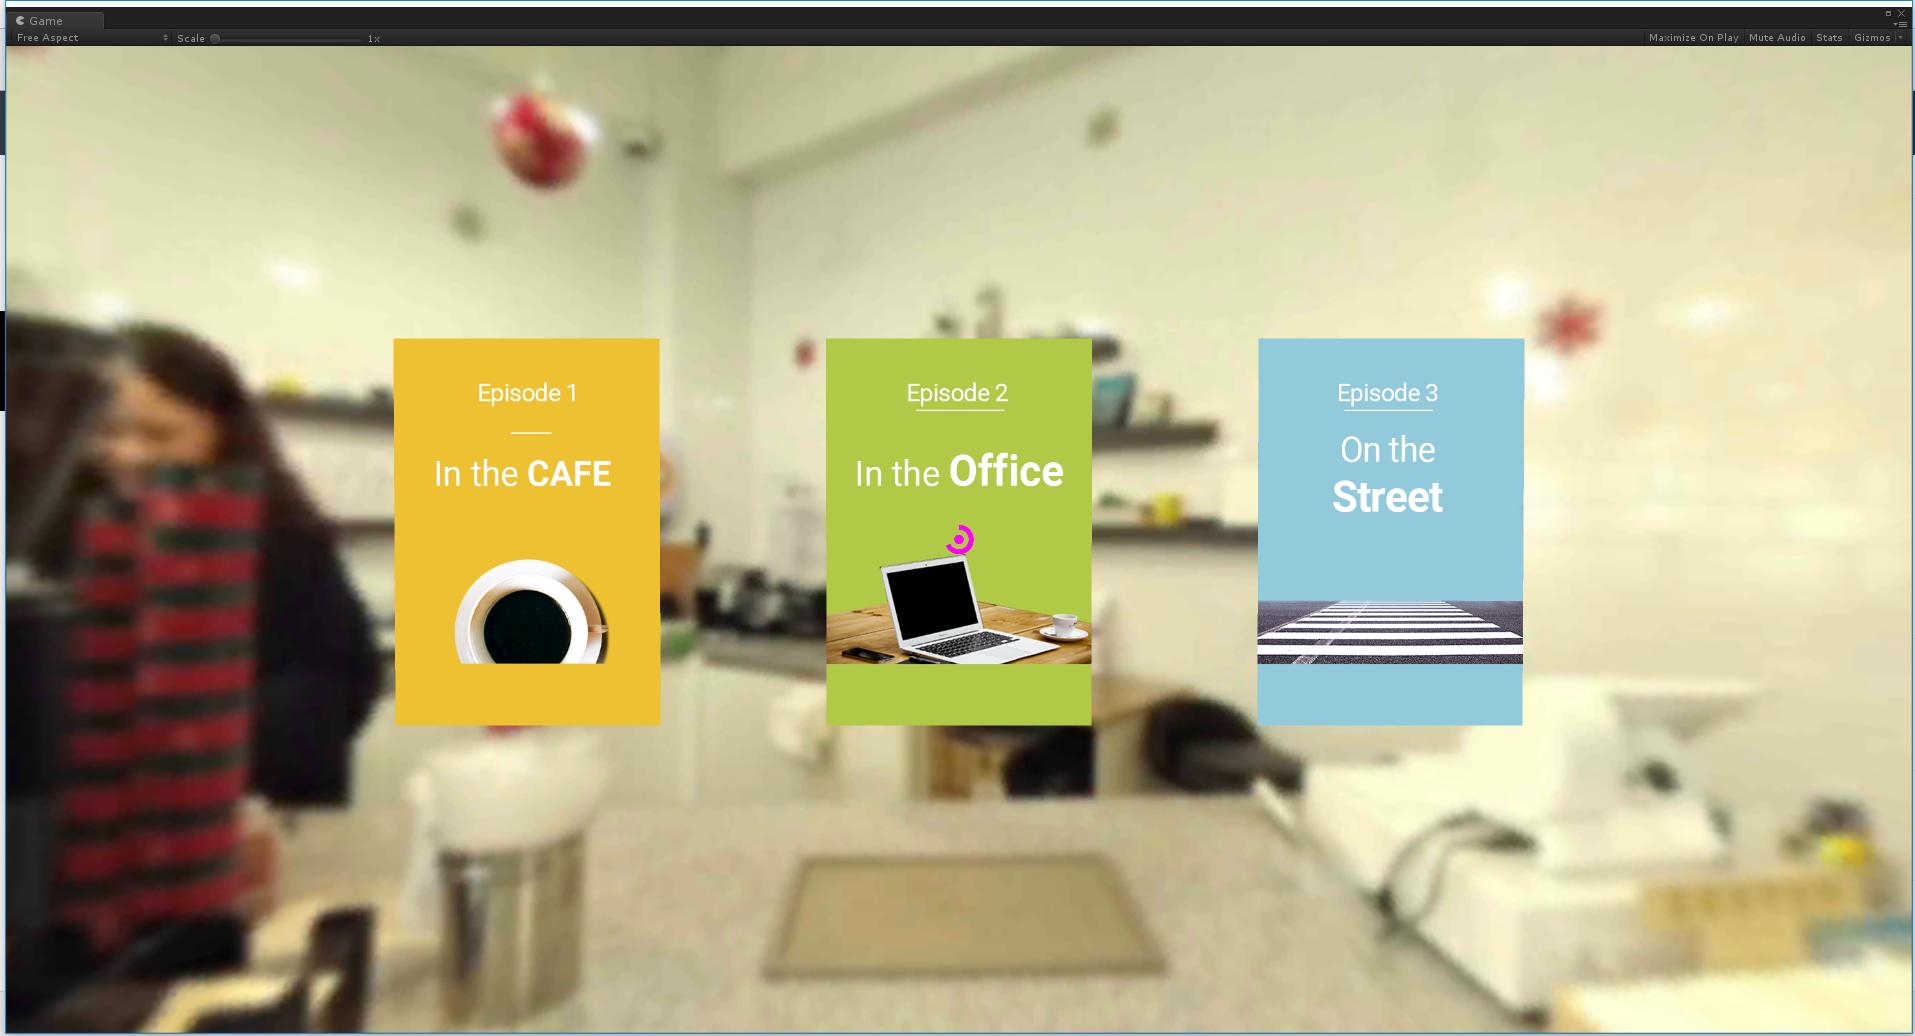 영상 스트리밍 및 음성인식, 곡면 UI를 통한 인터랙션 VR 회화 콘텐츠